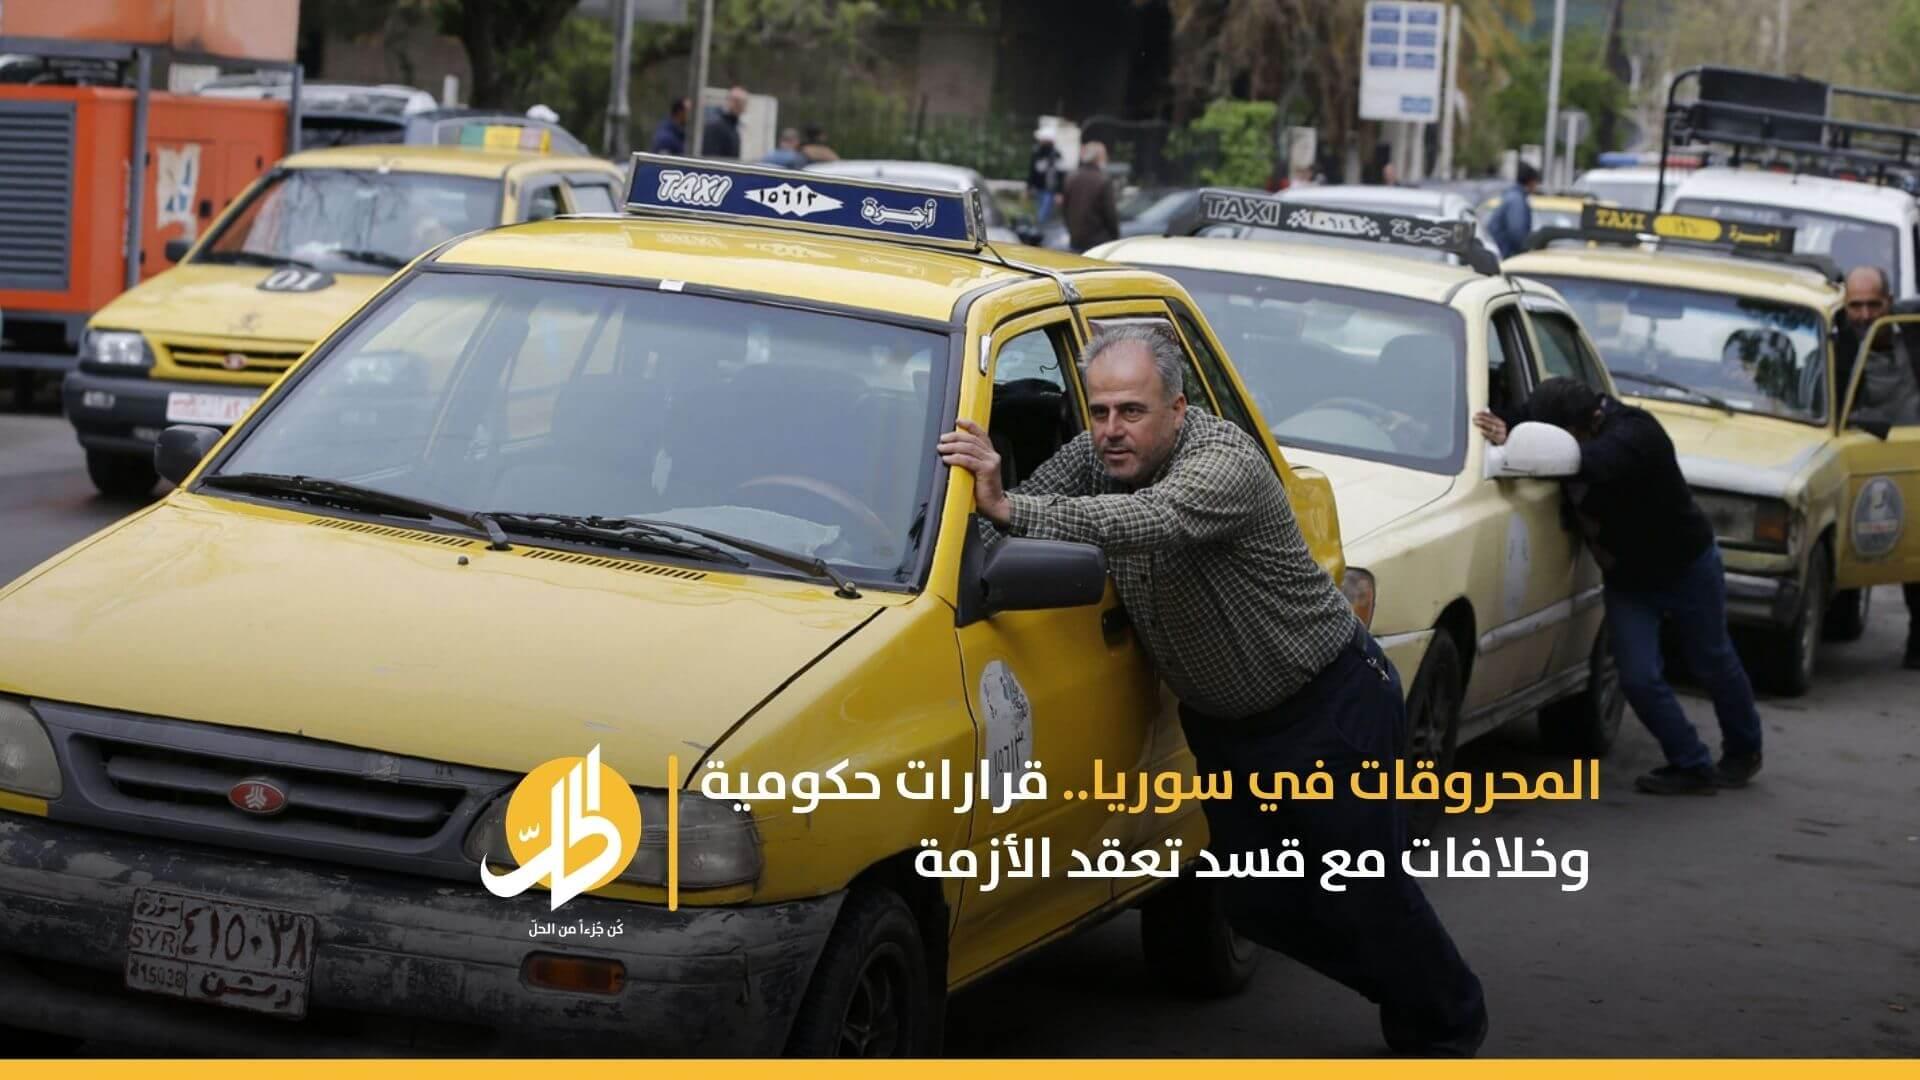 المحروقات في سوريا.. قرارات حكومية وخلافات مع قسد تعقد الأزمة